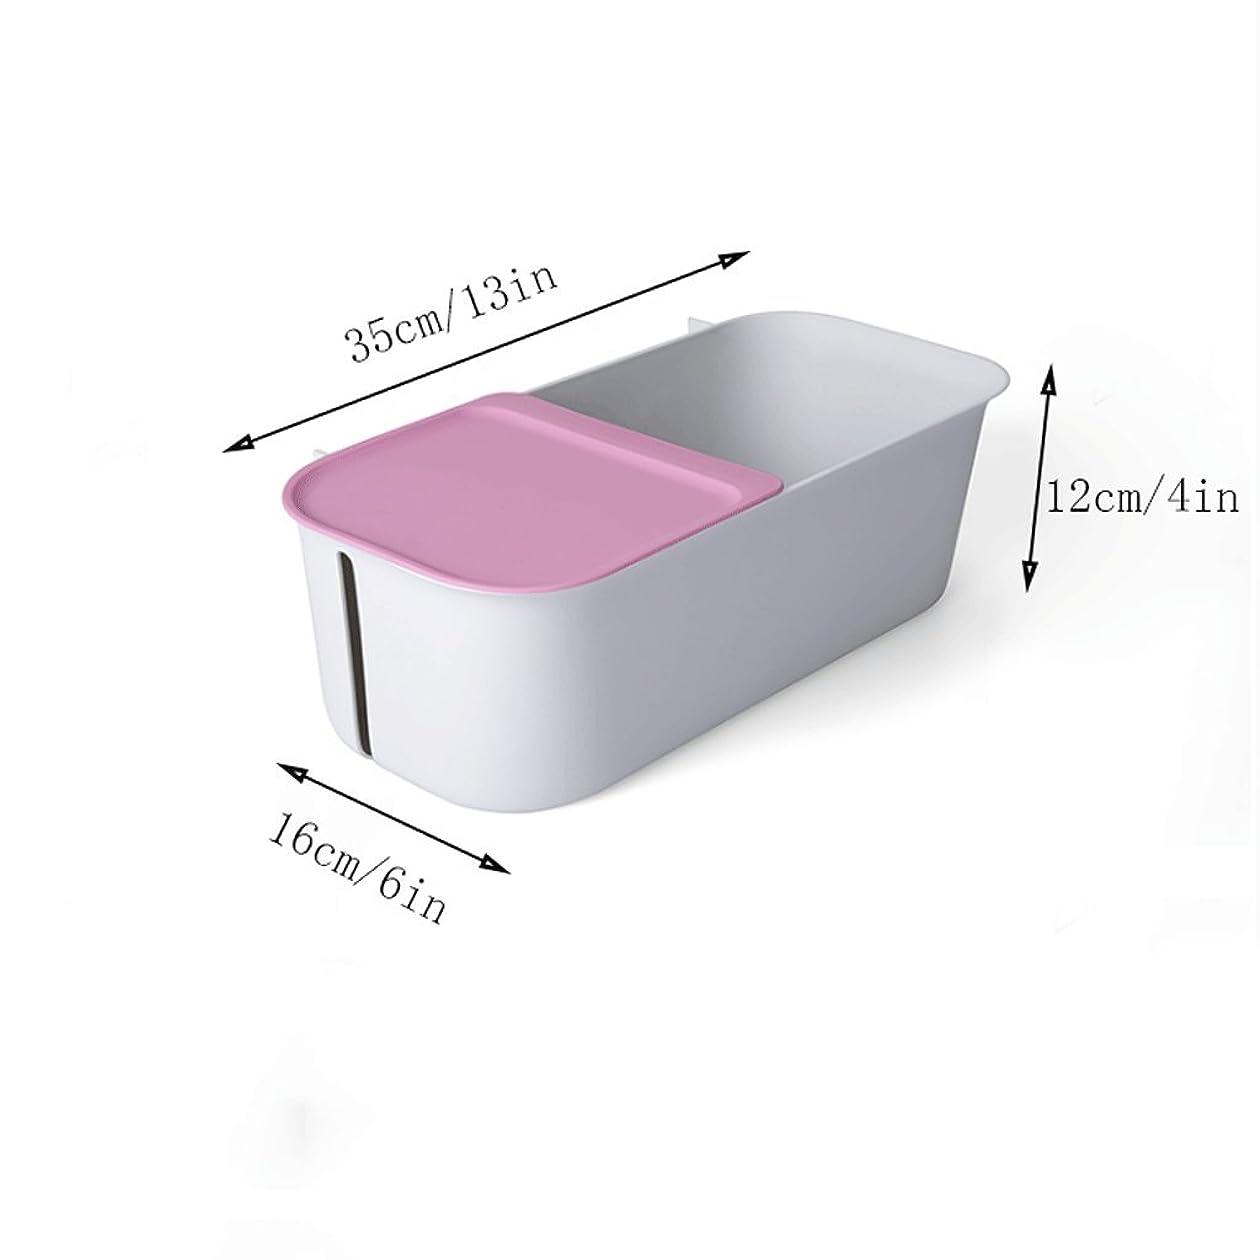 どれでもディーラーチャンピオンYXN プラスチック製のバスルームシェルフサクションウォールキッチンシェルフネイルフリーサクションカップ収納ラック収納ボックス (色 : グレー)